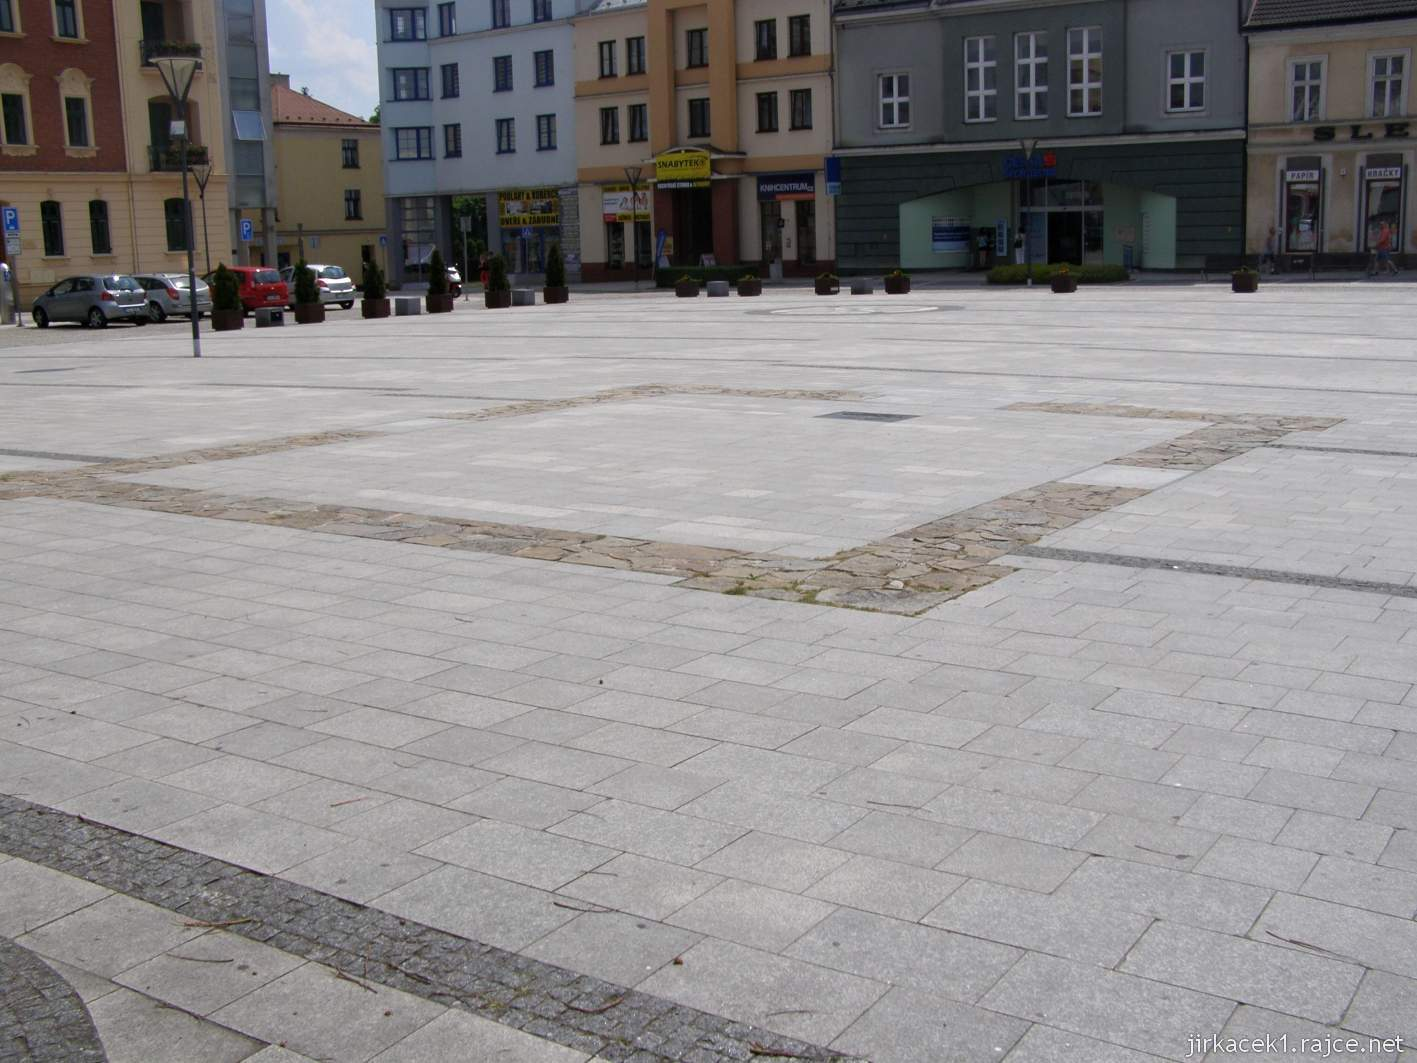 Hlučín - Mírové náměstí 09 - obrysy bývalé kaple sv. Jana Nepomuckého a vzadu studny ve středu náměstí